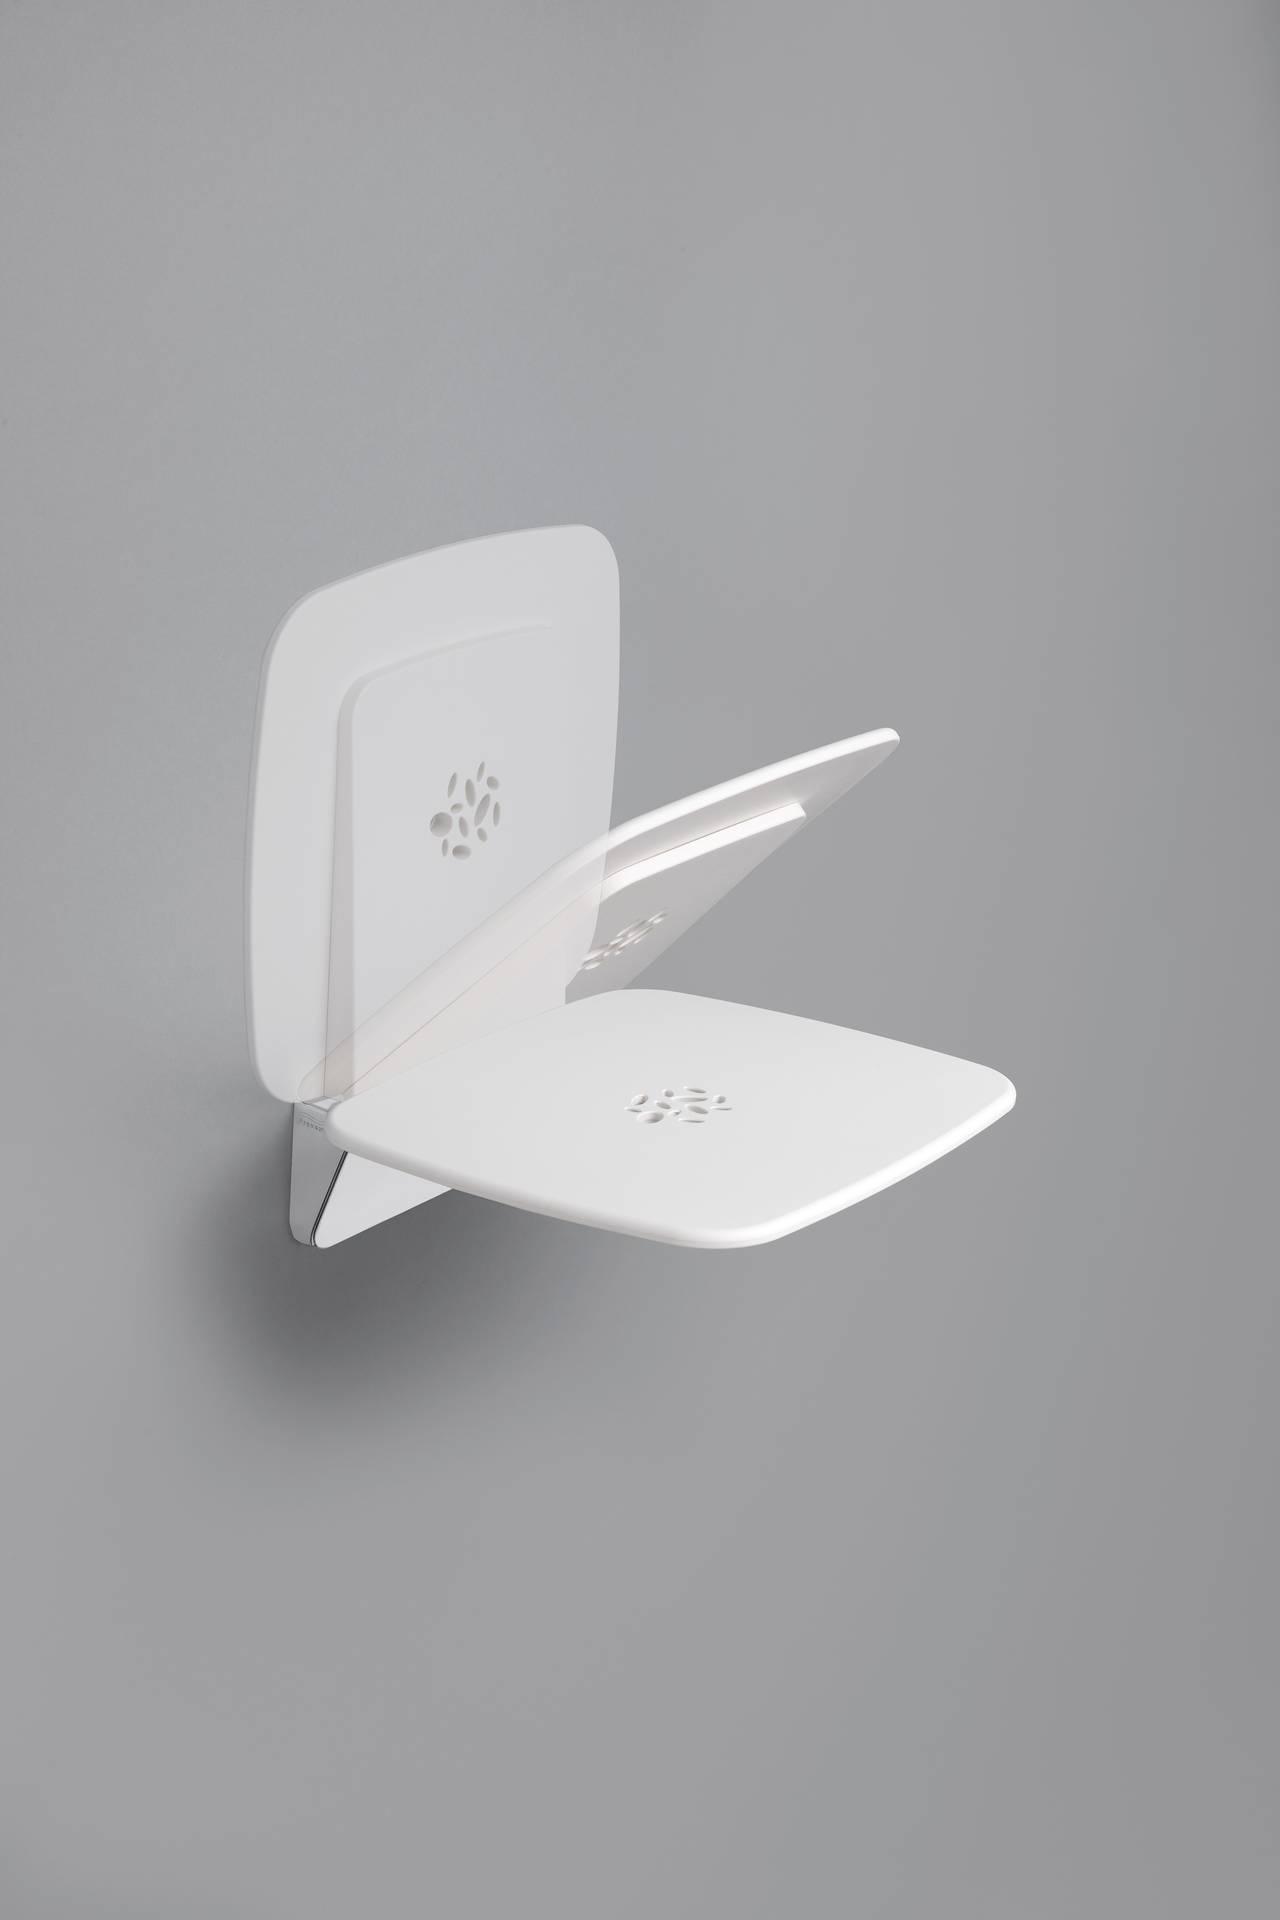 Seduta ribaltabile della Serie 300 di Provex, in alluminio e ABS di alta qualità, in grado di garantire una portata eccellente (fino a 160 Kg) e, quando chiusa, il massimo spazio all'interno del box doccia. Meccanismo Soft Close. Colore cromo/bianco